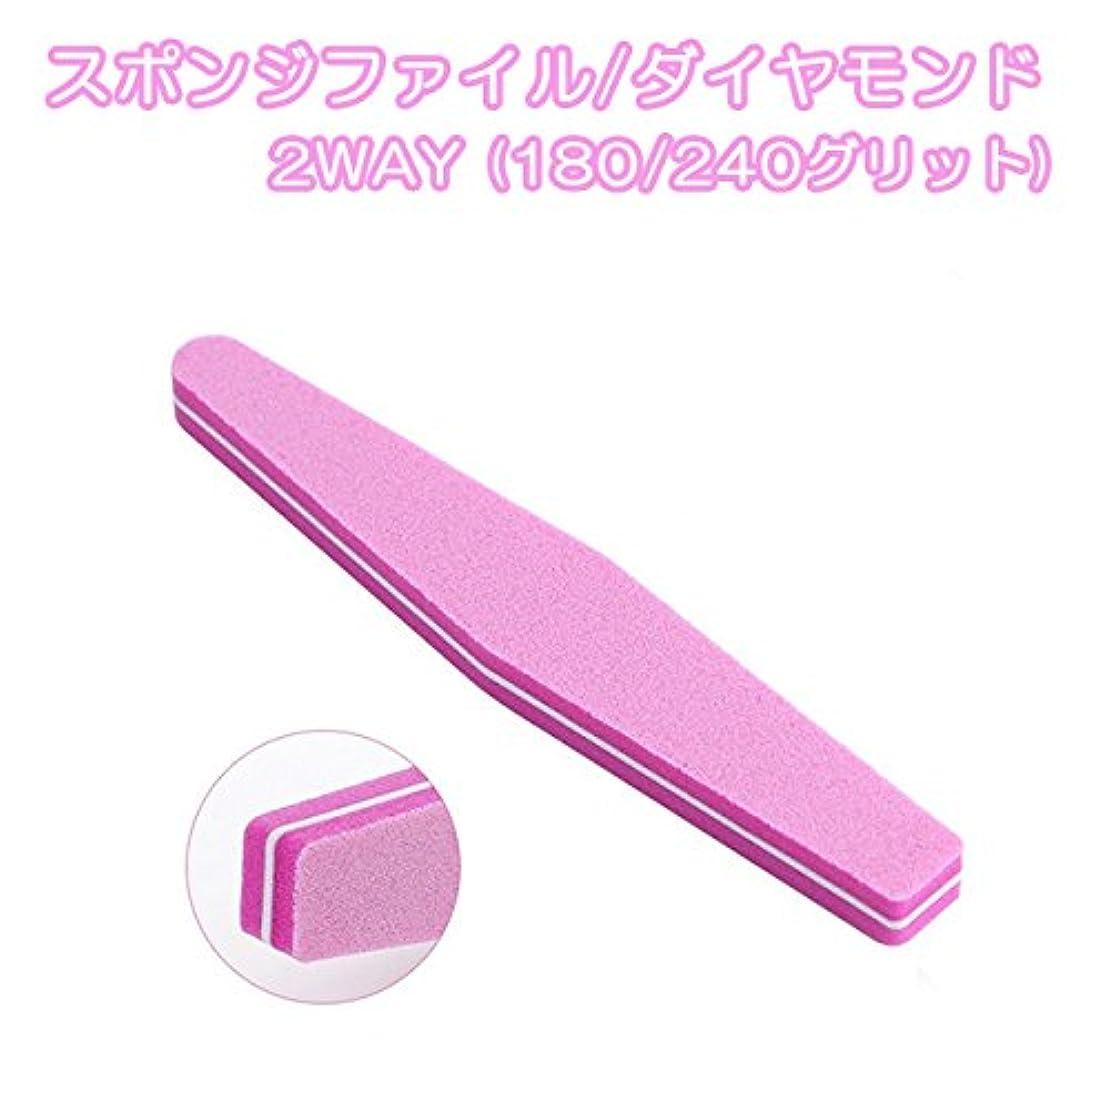 ひまわりナイトスポット息苦しいスポンジファイル220/240